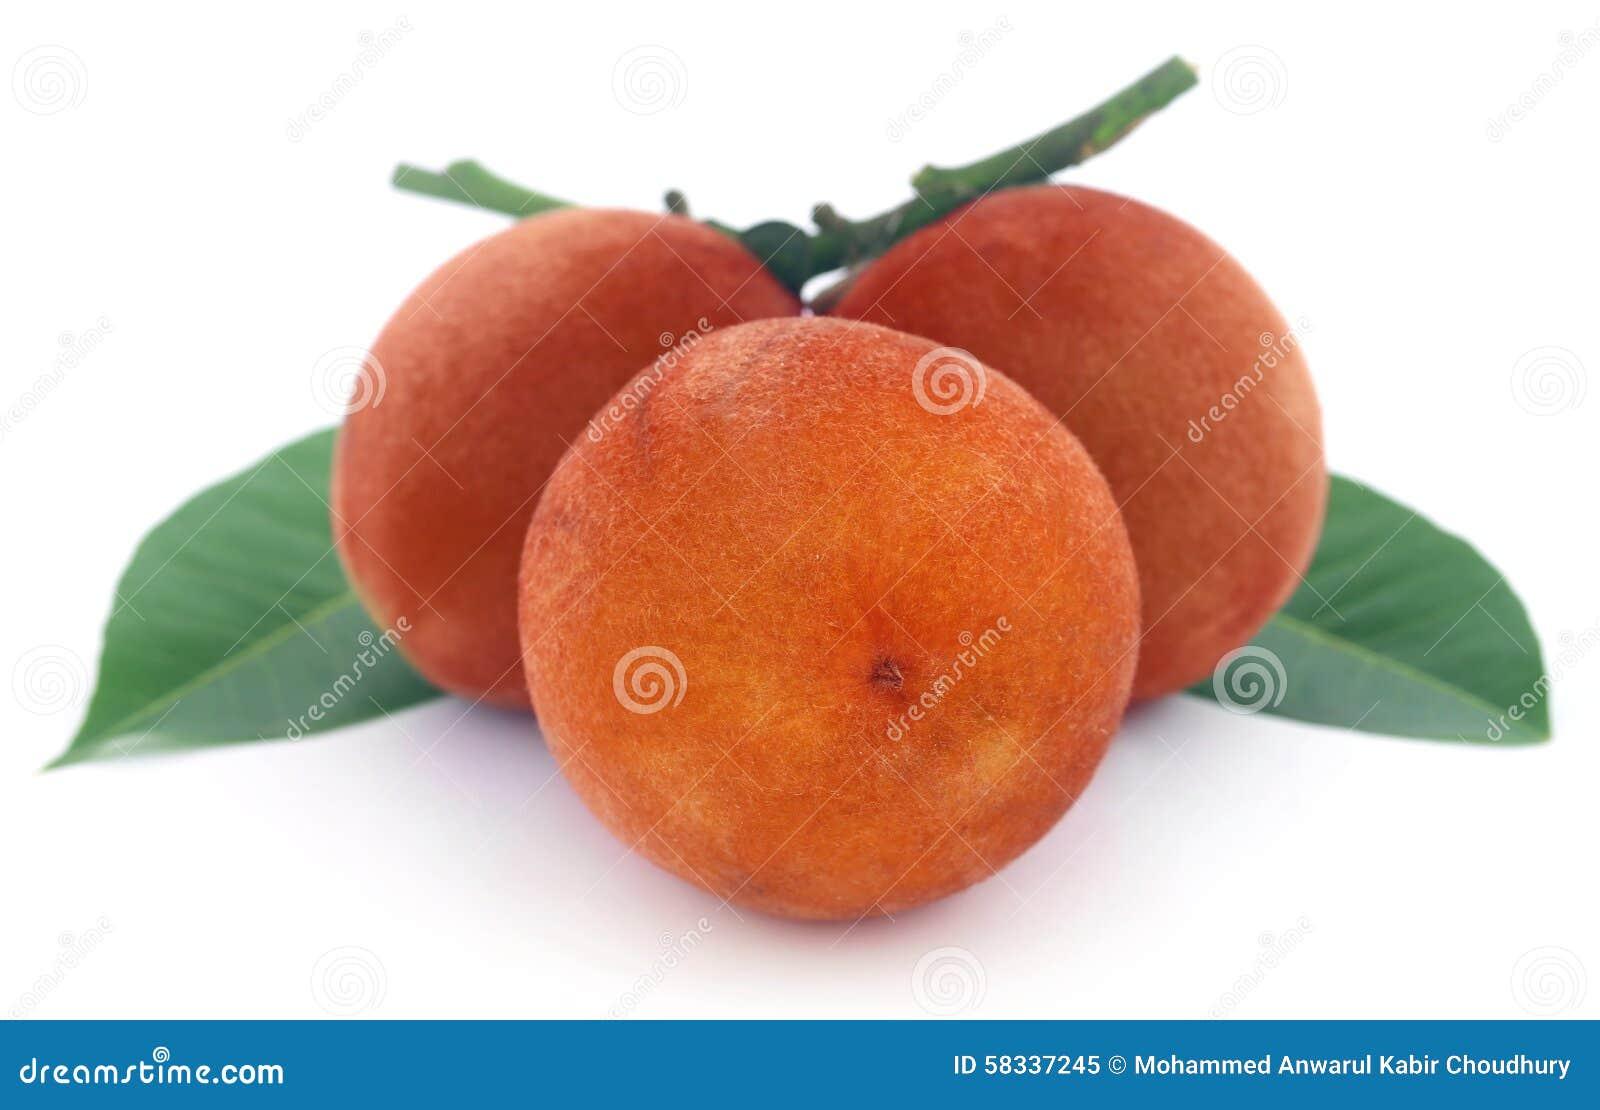 Velvet Apples Stock Photo - Image: 58337245